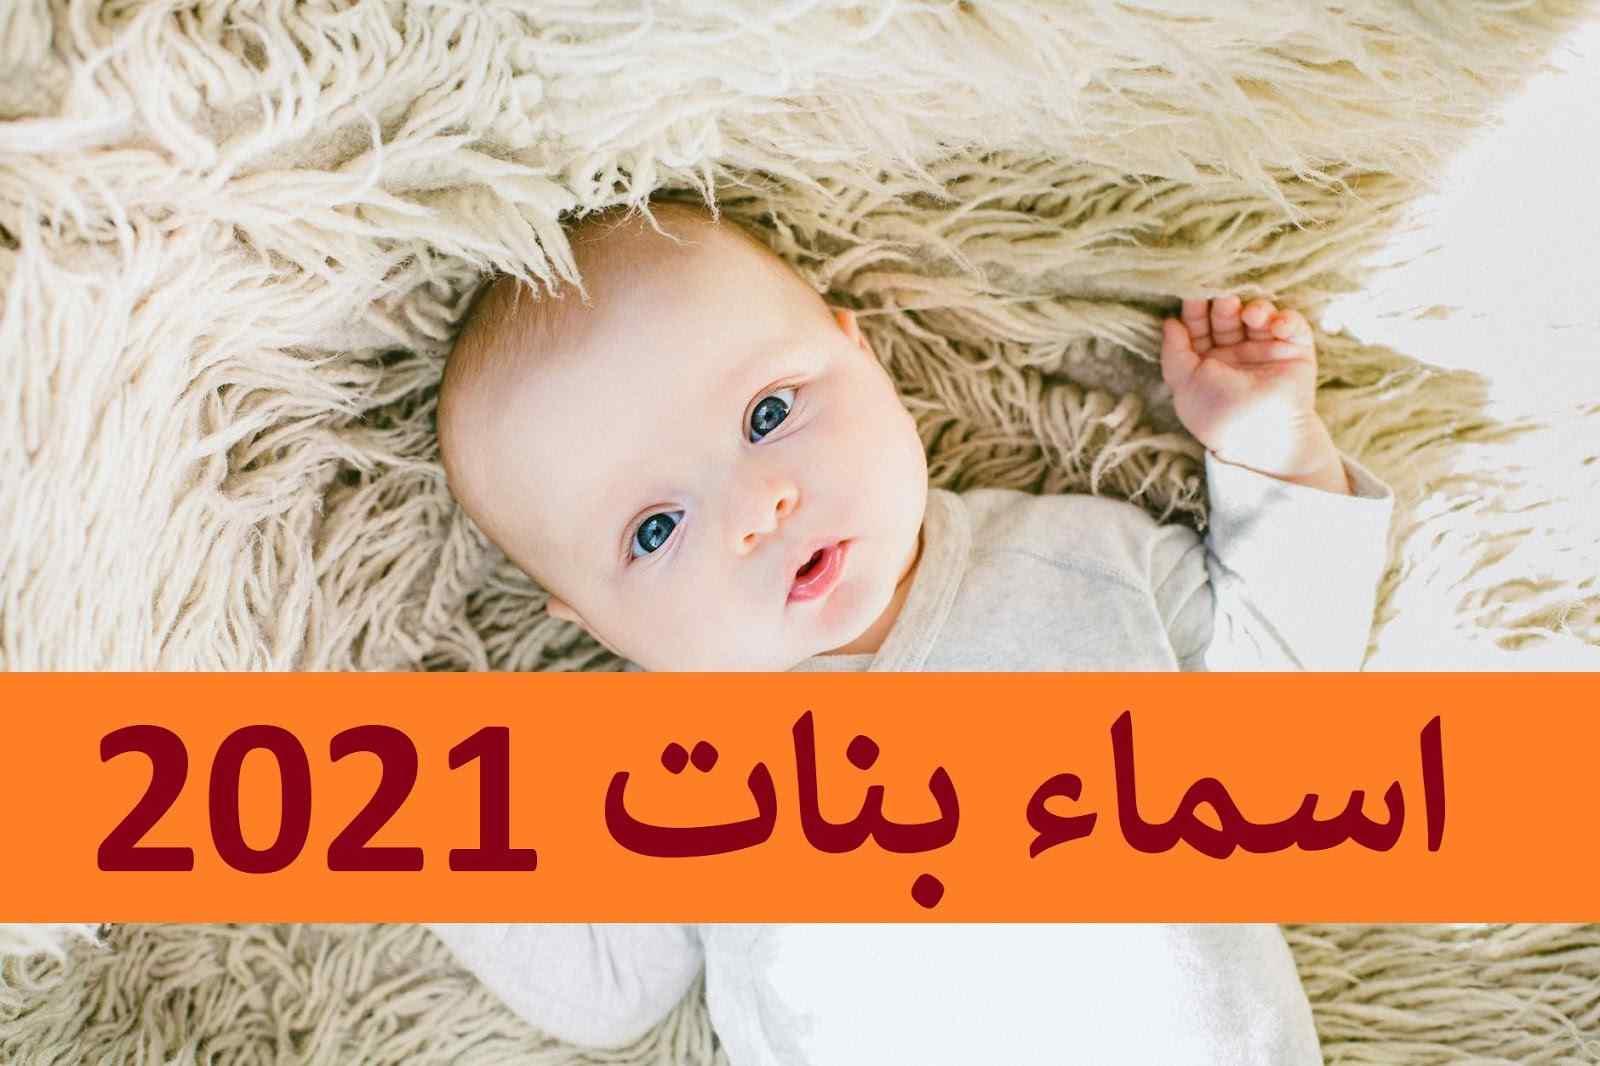 اسماء بنات جديدة وغريبة 2021 بمعانيها أجمل أسامي البنات الرقيقة